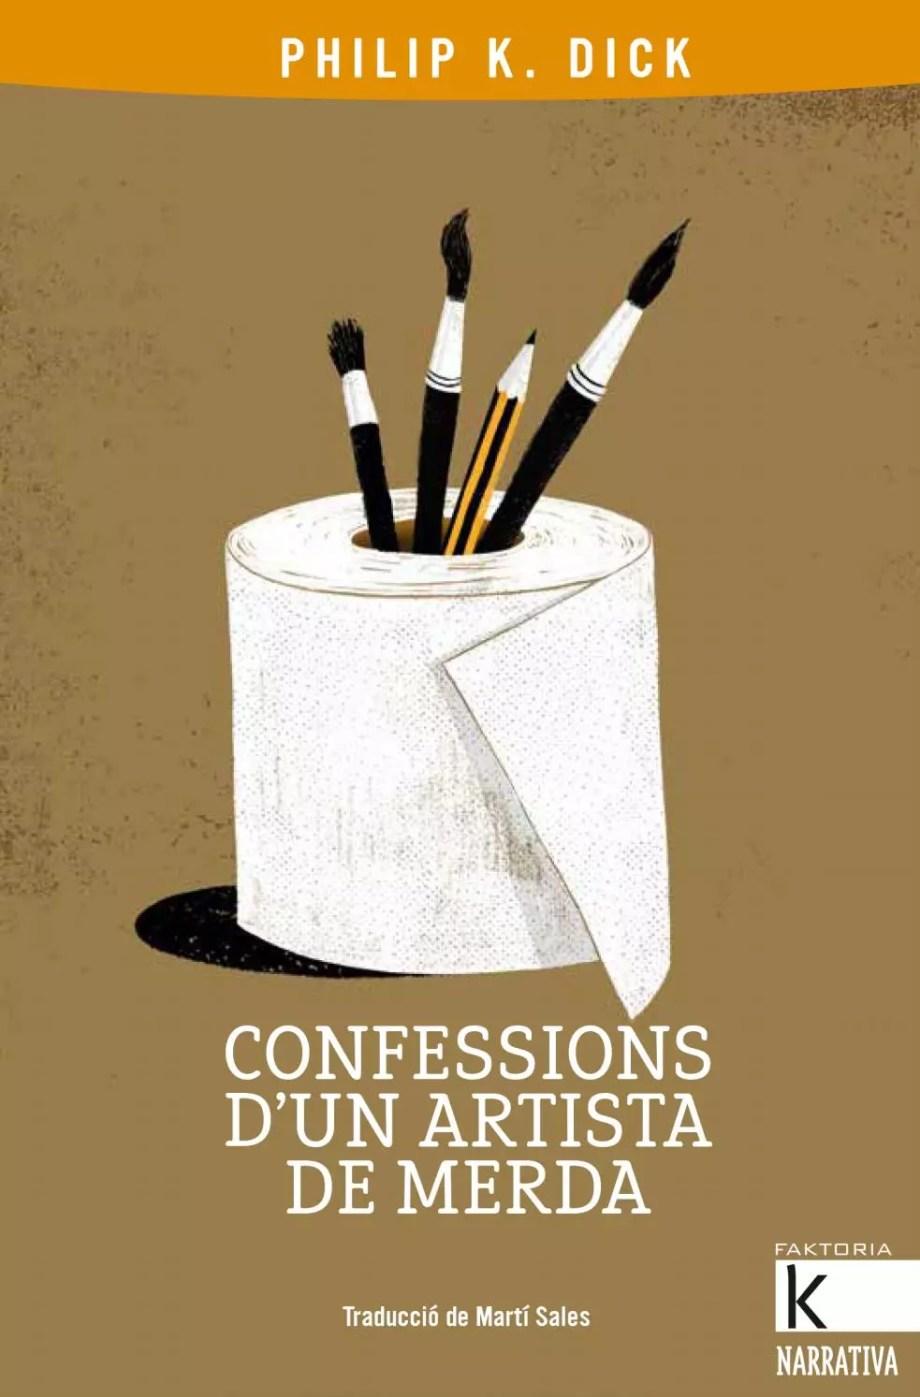 confessions d'un artista de merda philip k. dick català martí sales kalandraka